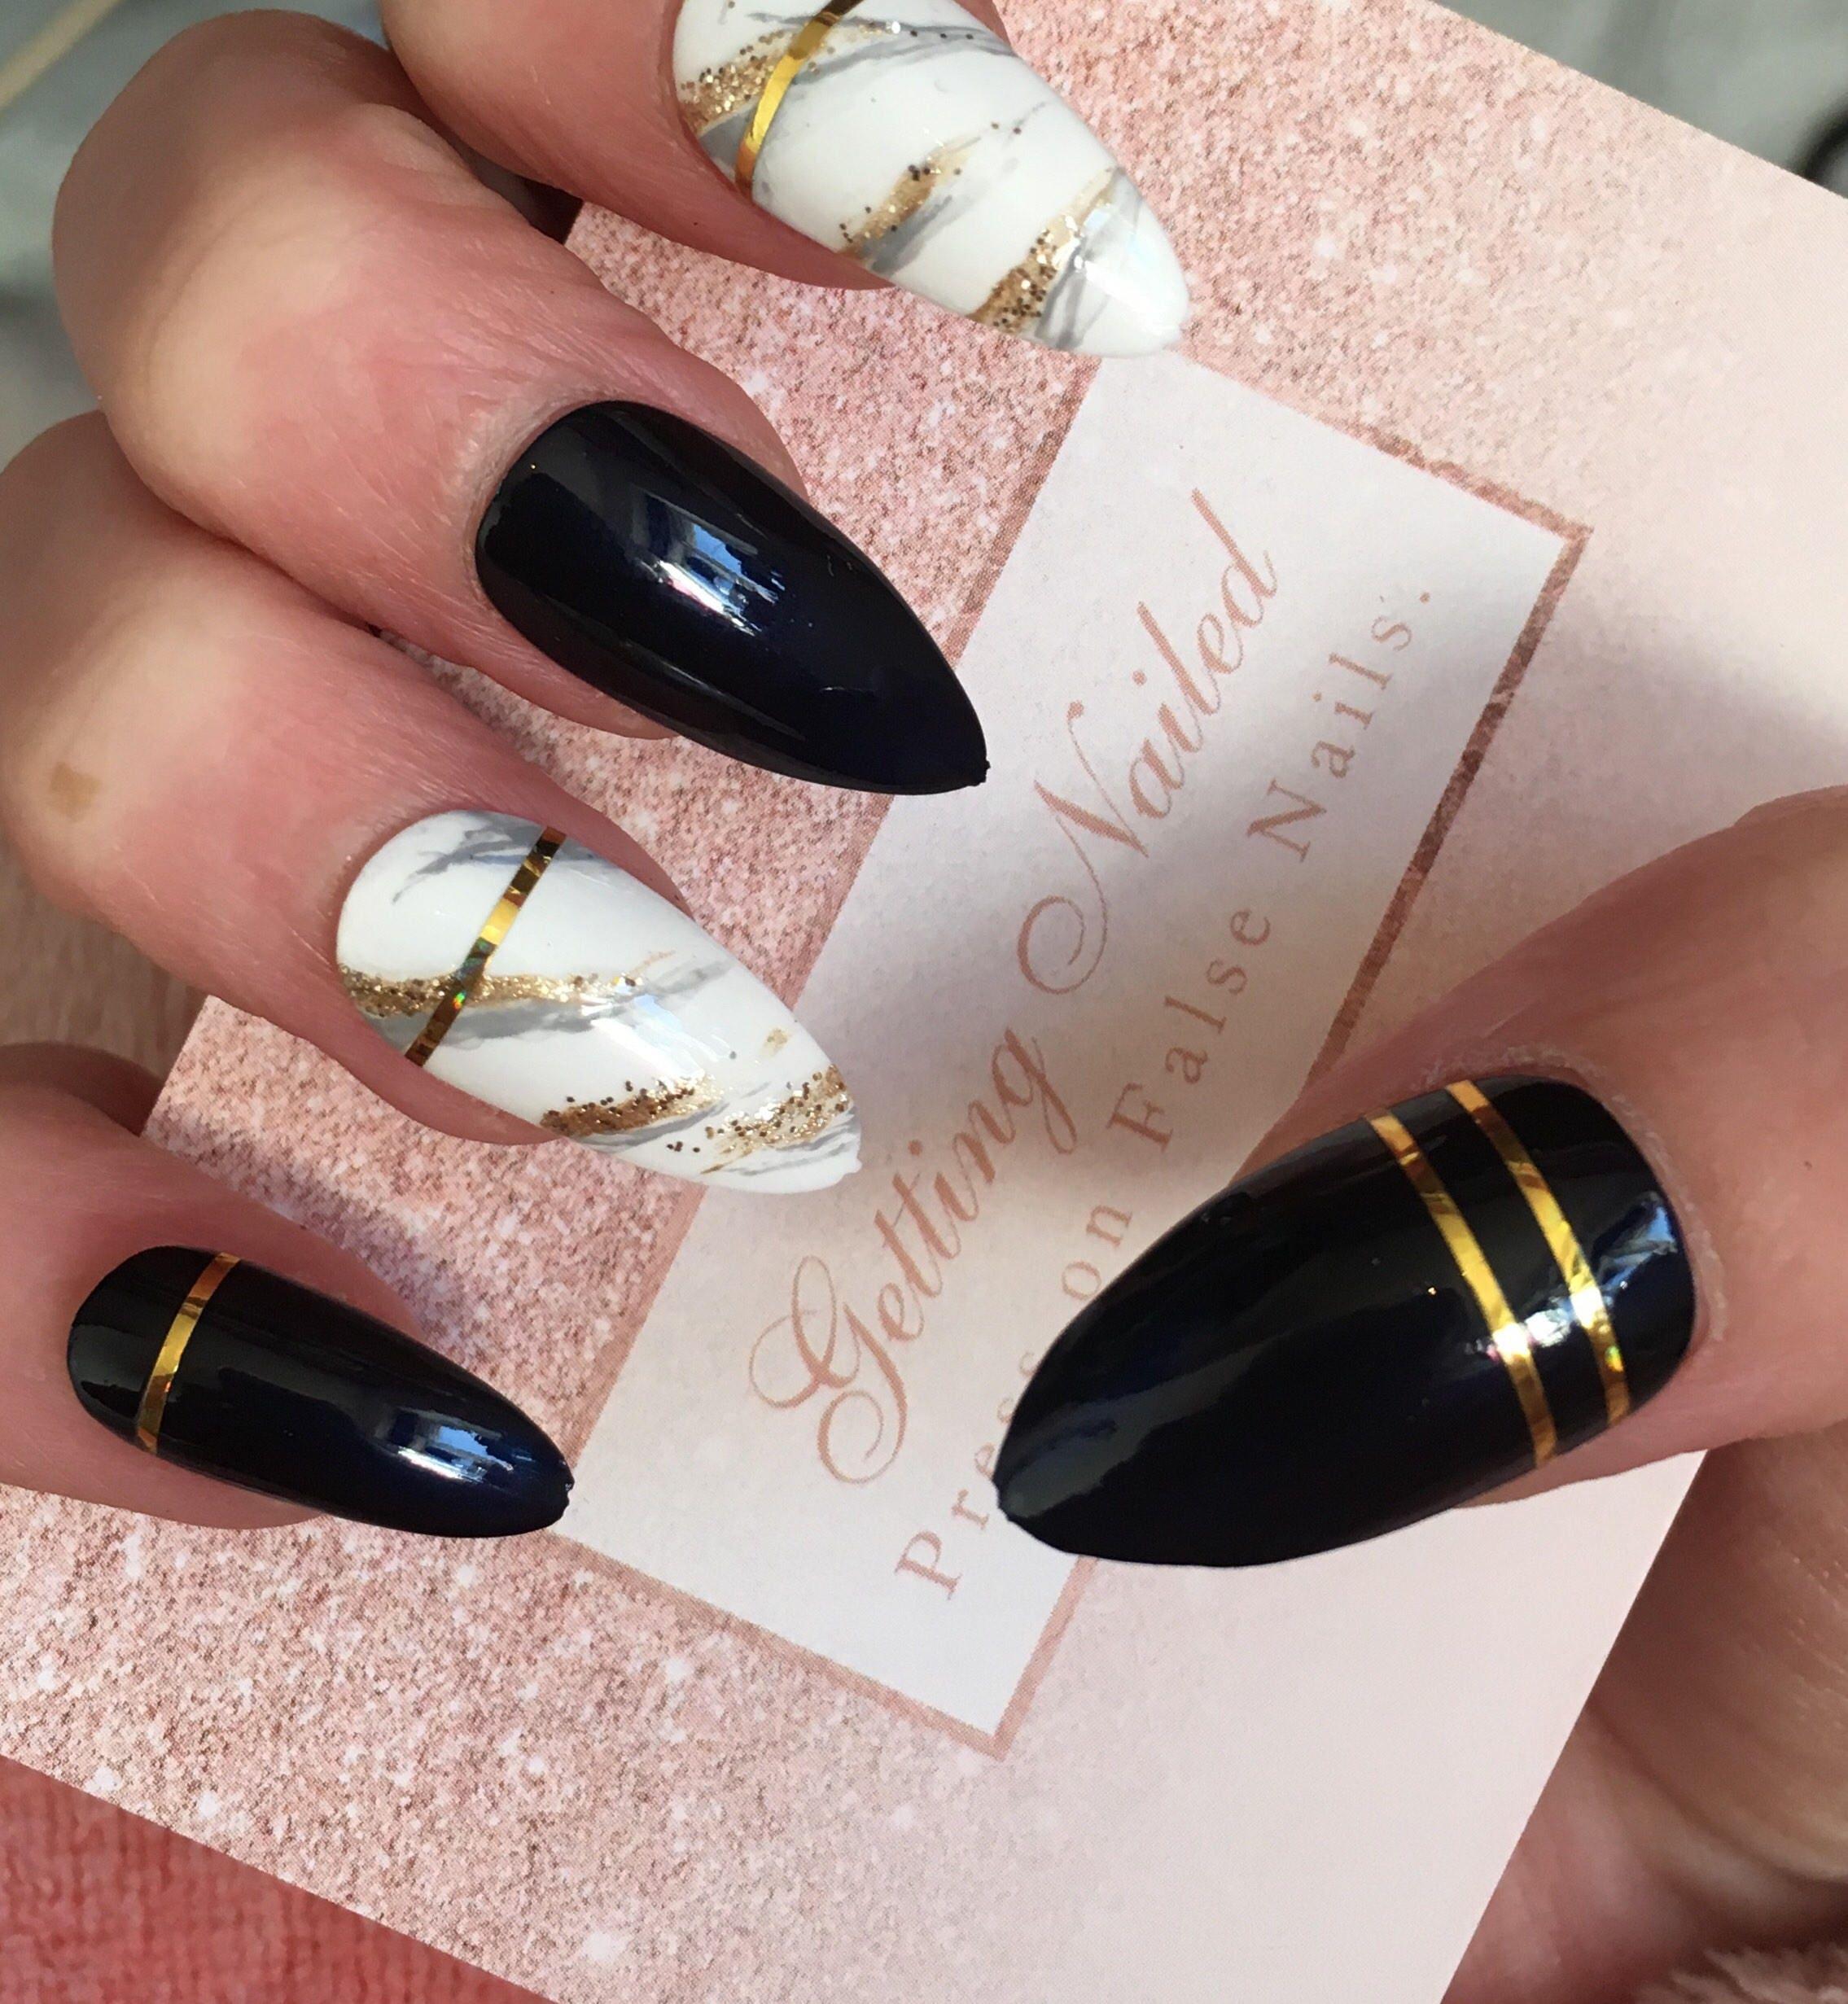 NAVY marble nails, fake nails, false nail set, press on nails, gold ...